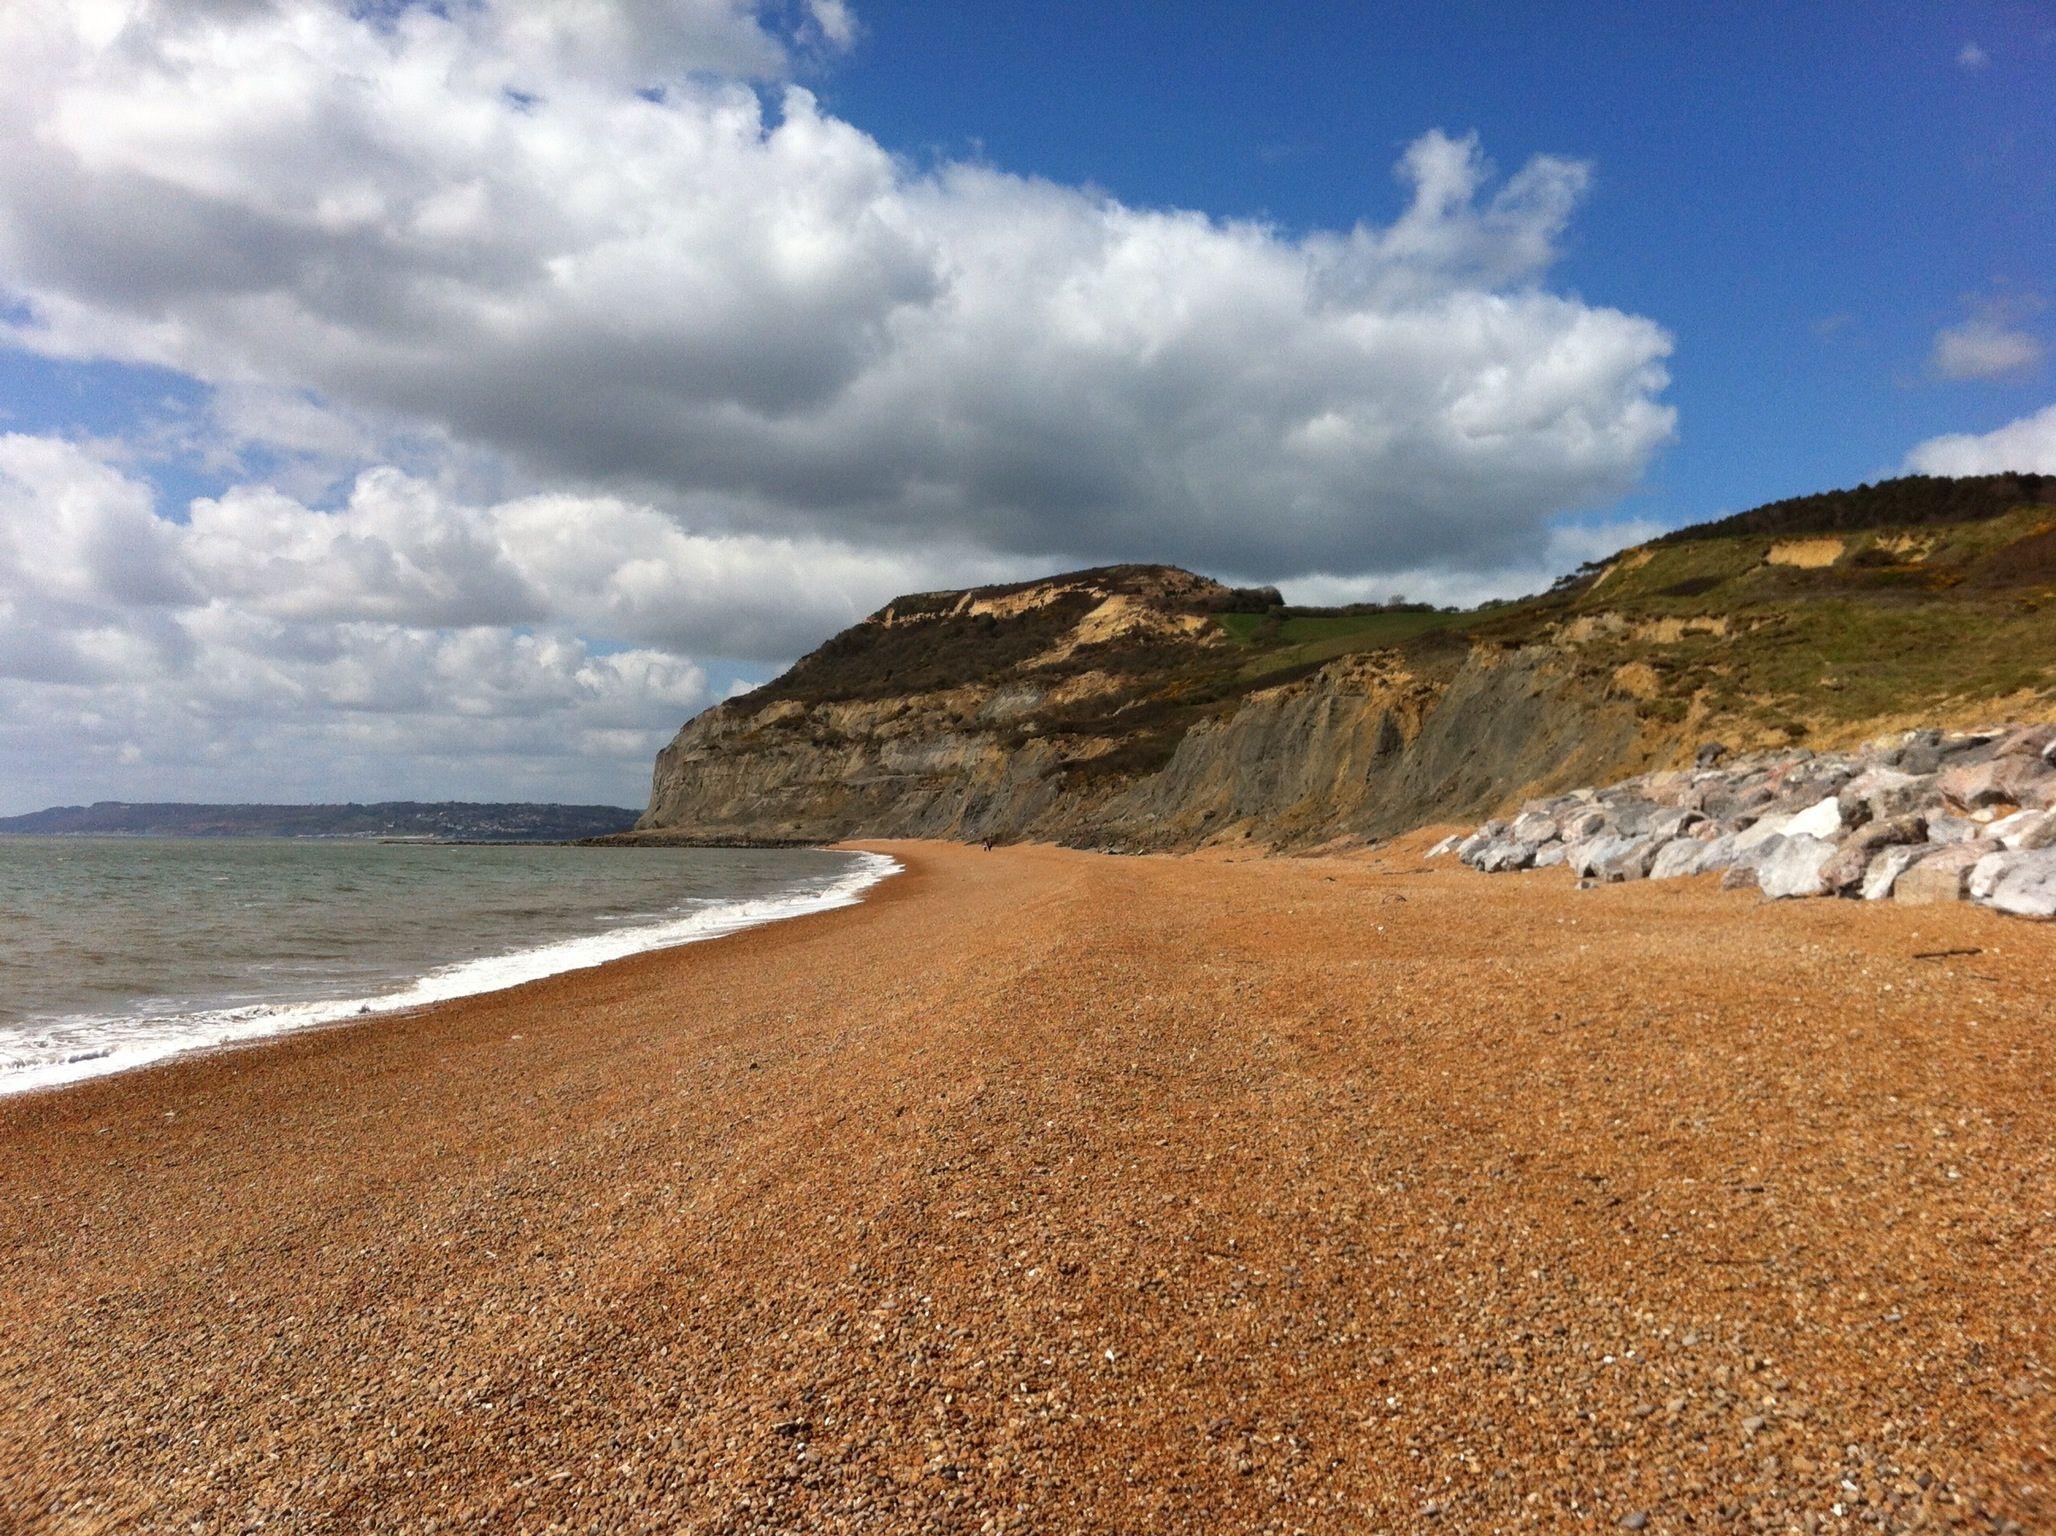 walking Dorset beaches | Dorset beaches, Coastal cottage ...